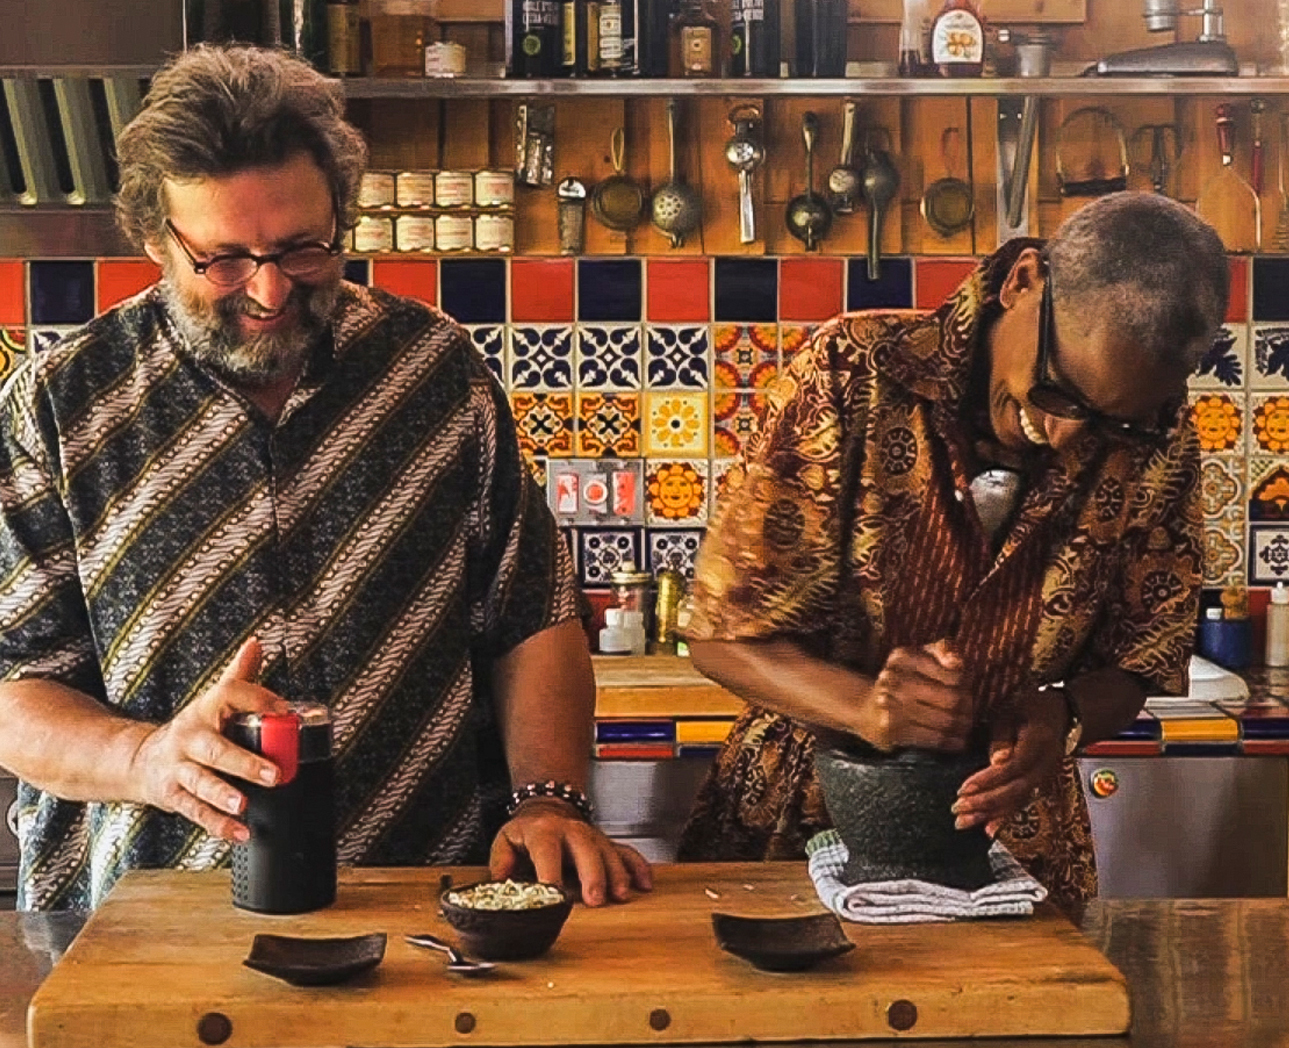 Mortar Or Coffee Grinder